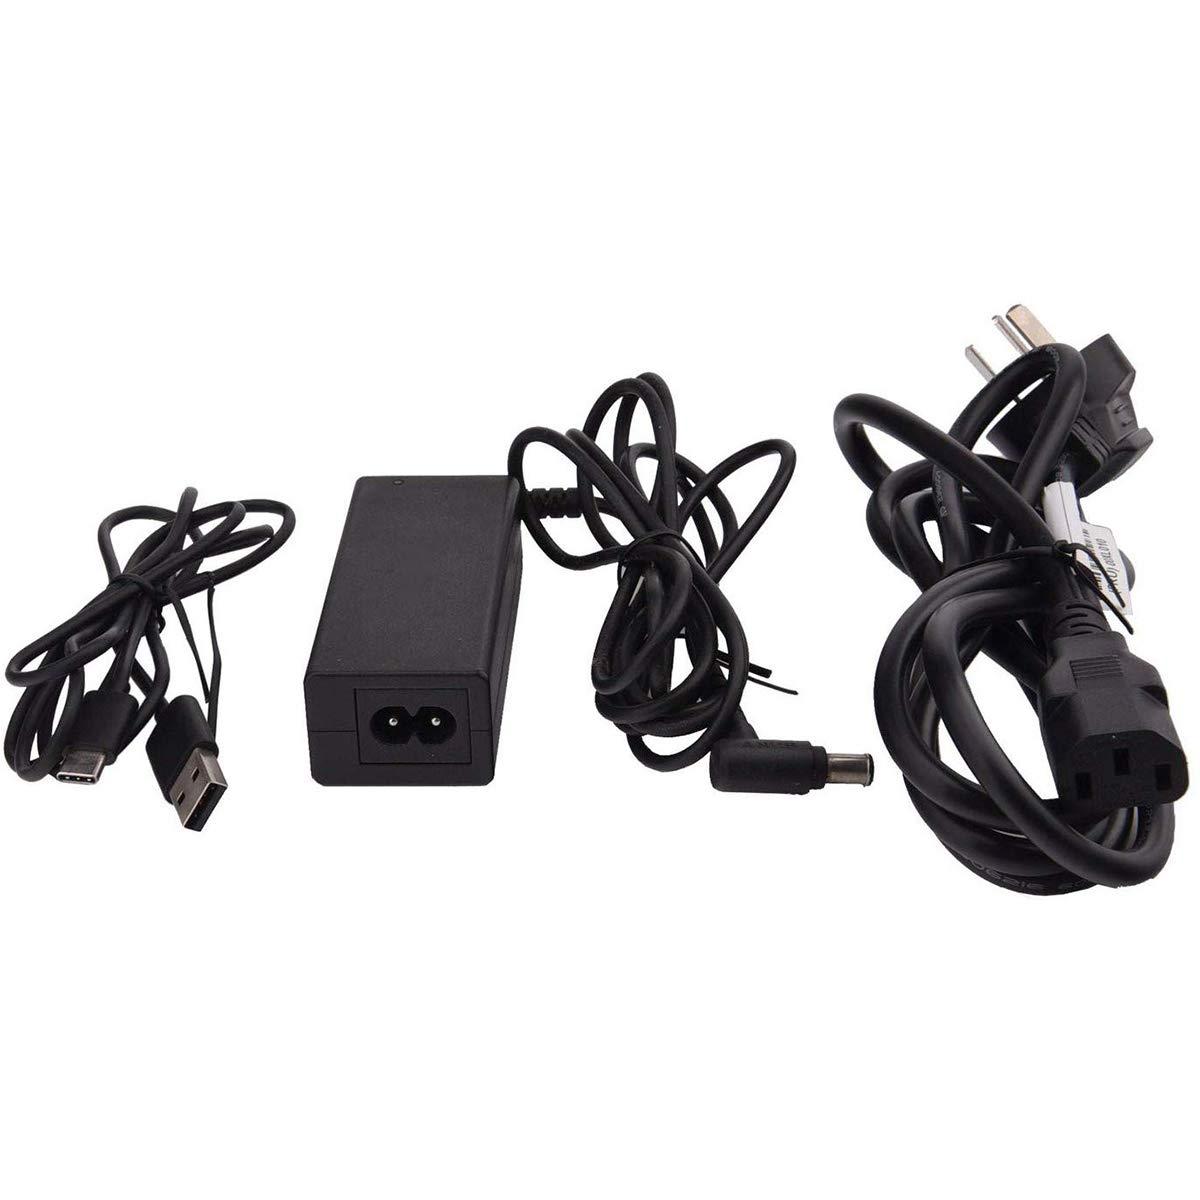 ExeQianming Negro Cables Cables 200 Bridas de pl/ástico Reutilizables para organizar Bolsas de fijaci/ón y Correas